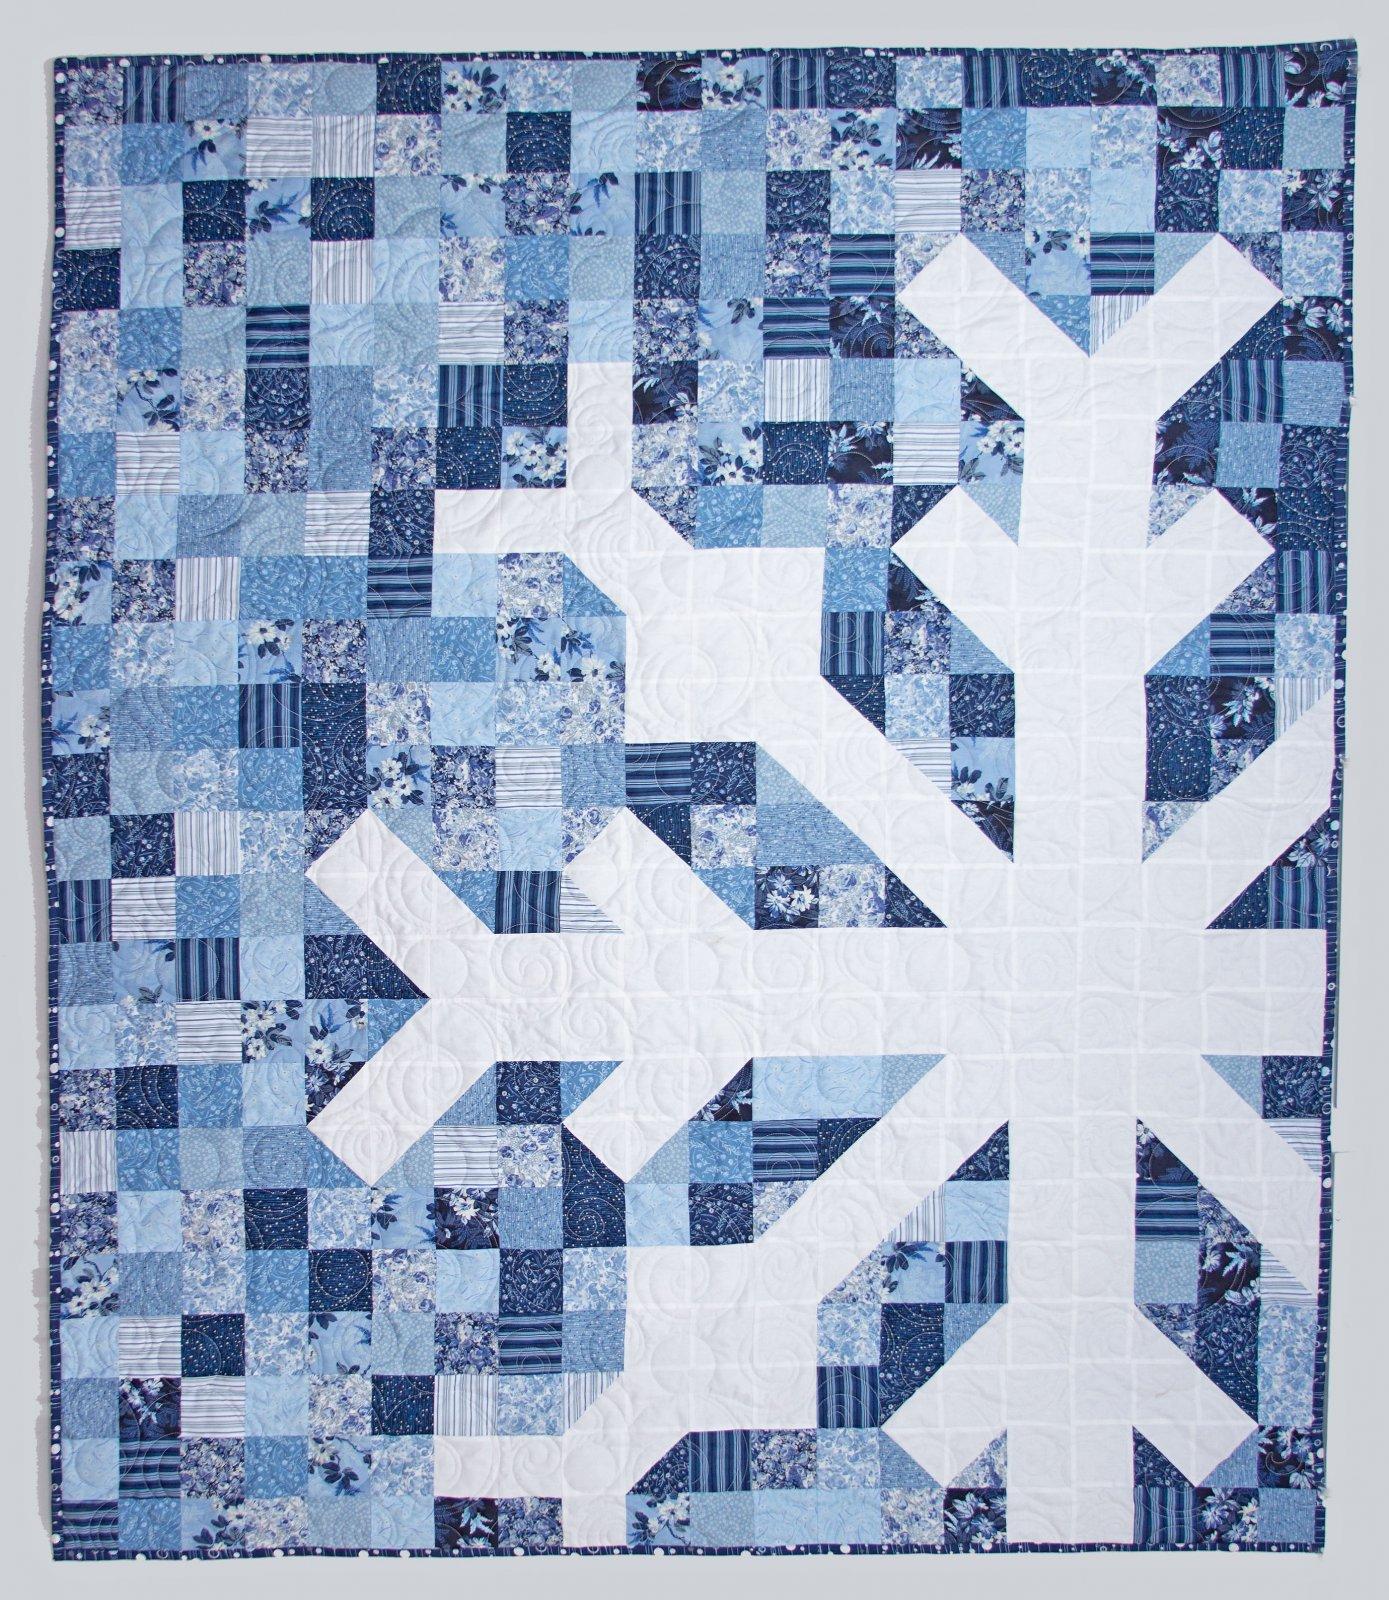 Snowflake Quilt Kit